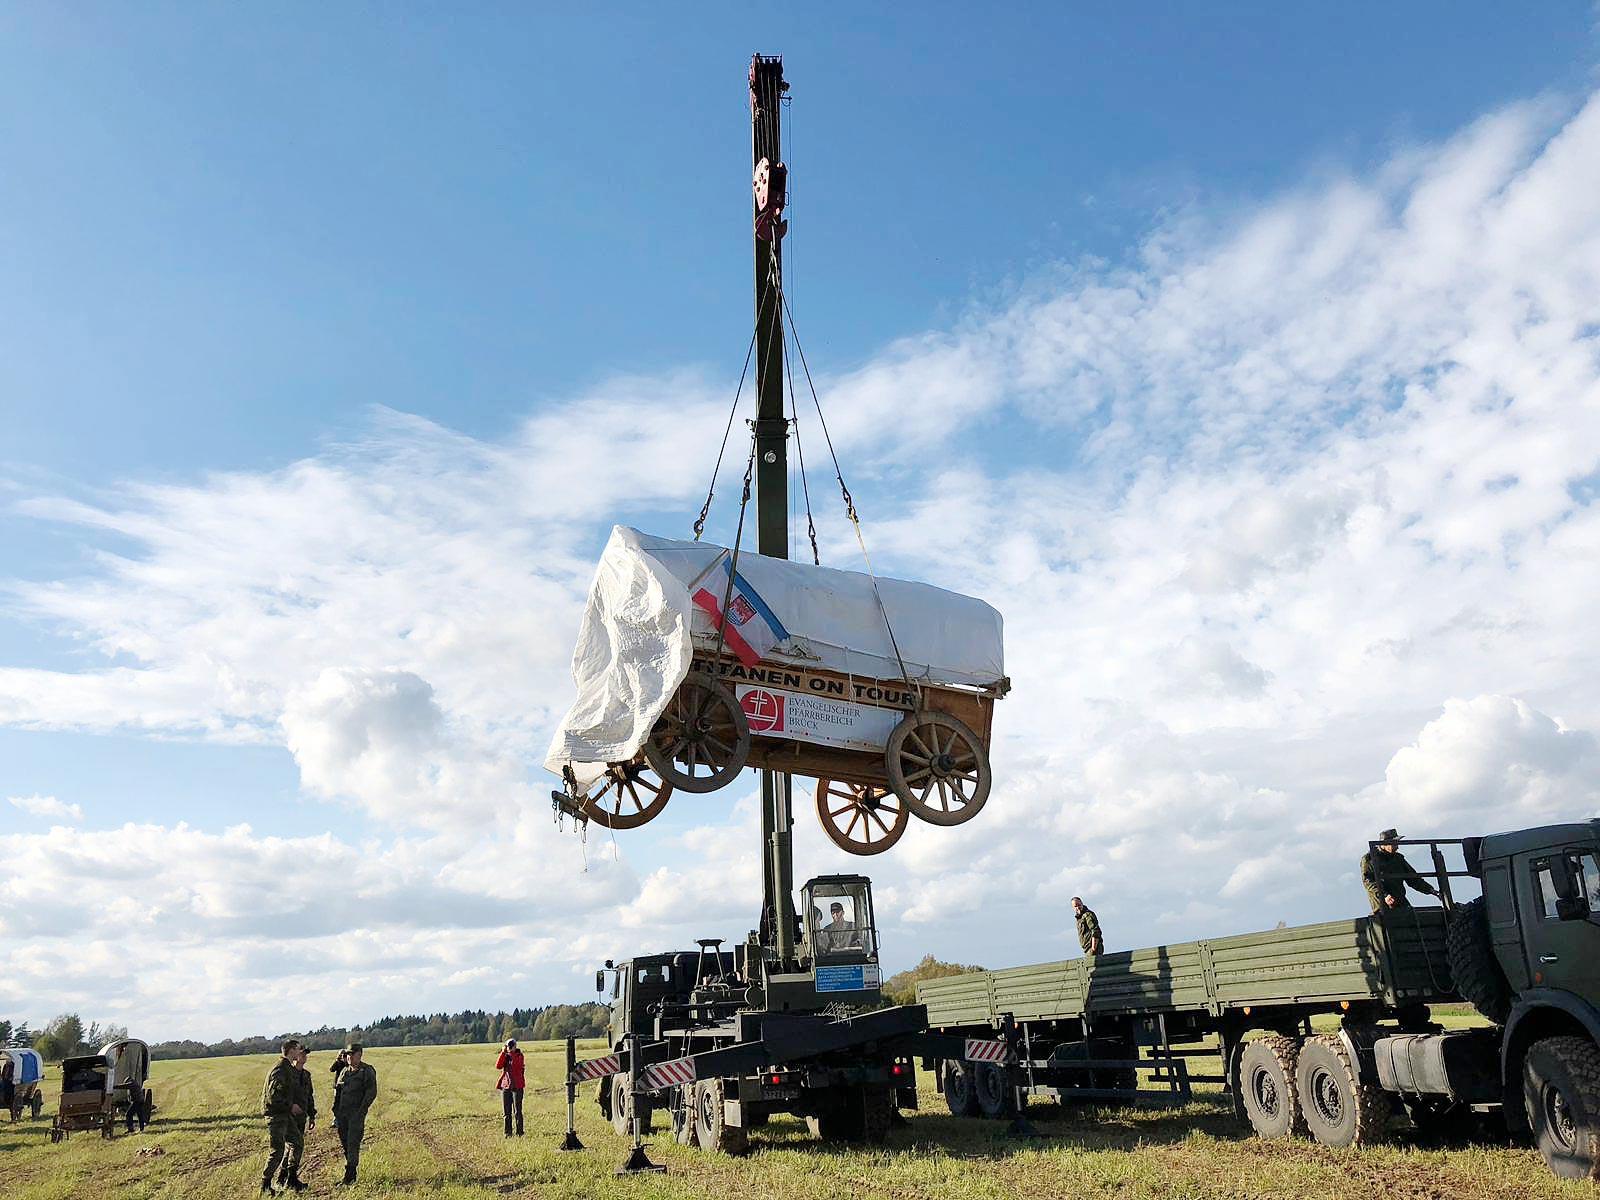 Der Glockenwagen in russischer Hand - Titanen on tour in Russland